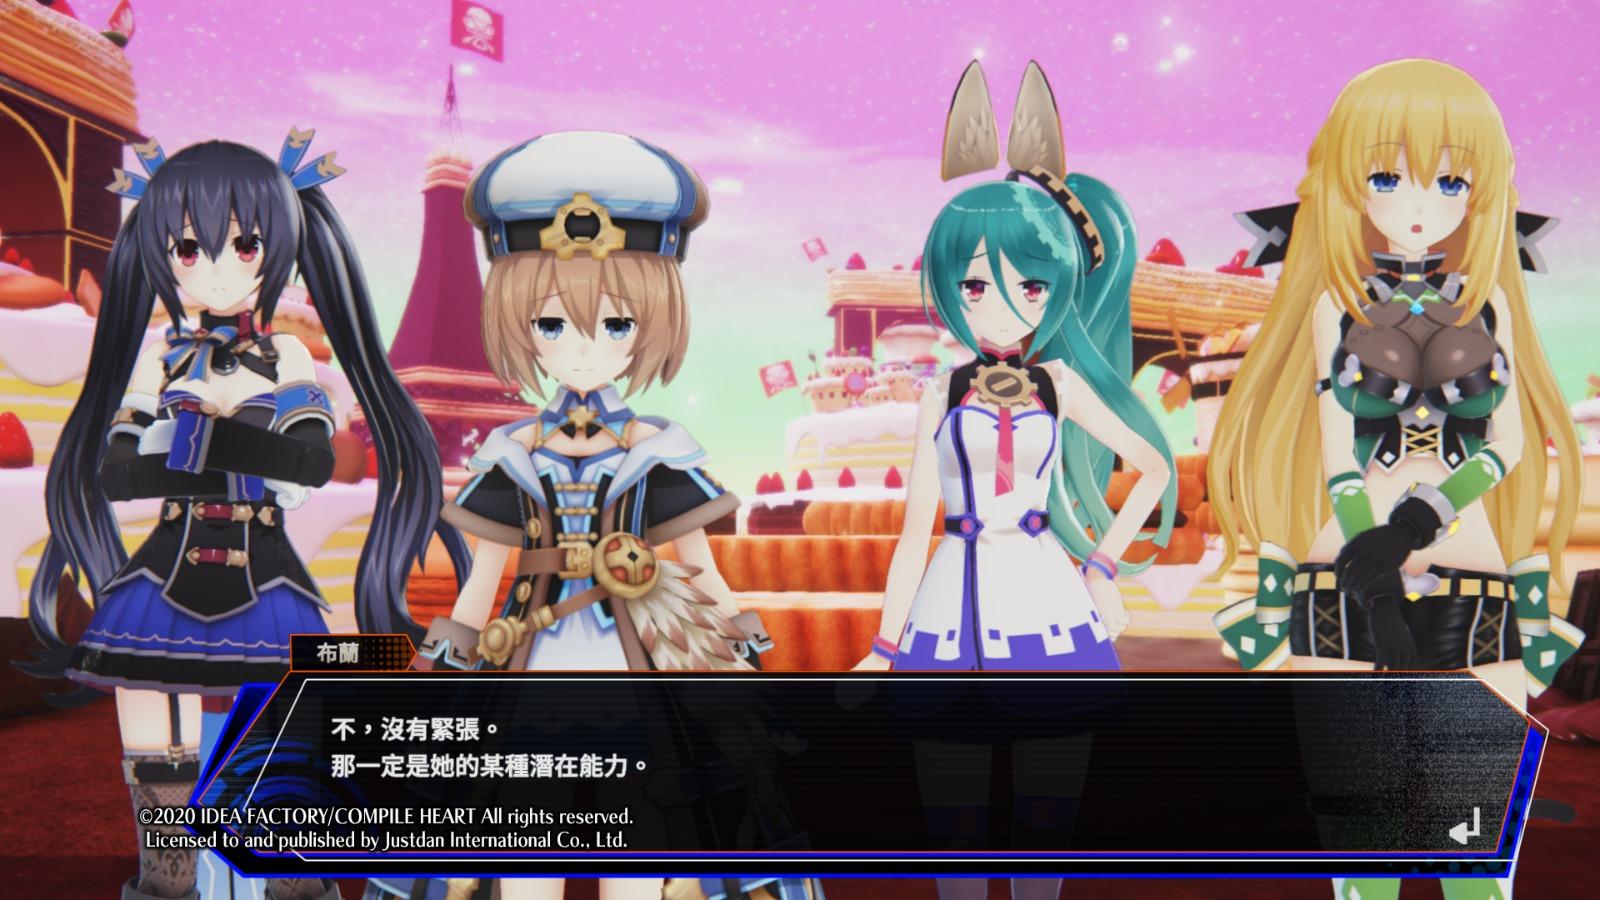 PS4中文版《VVV战机少女》新截图公开 11月上市